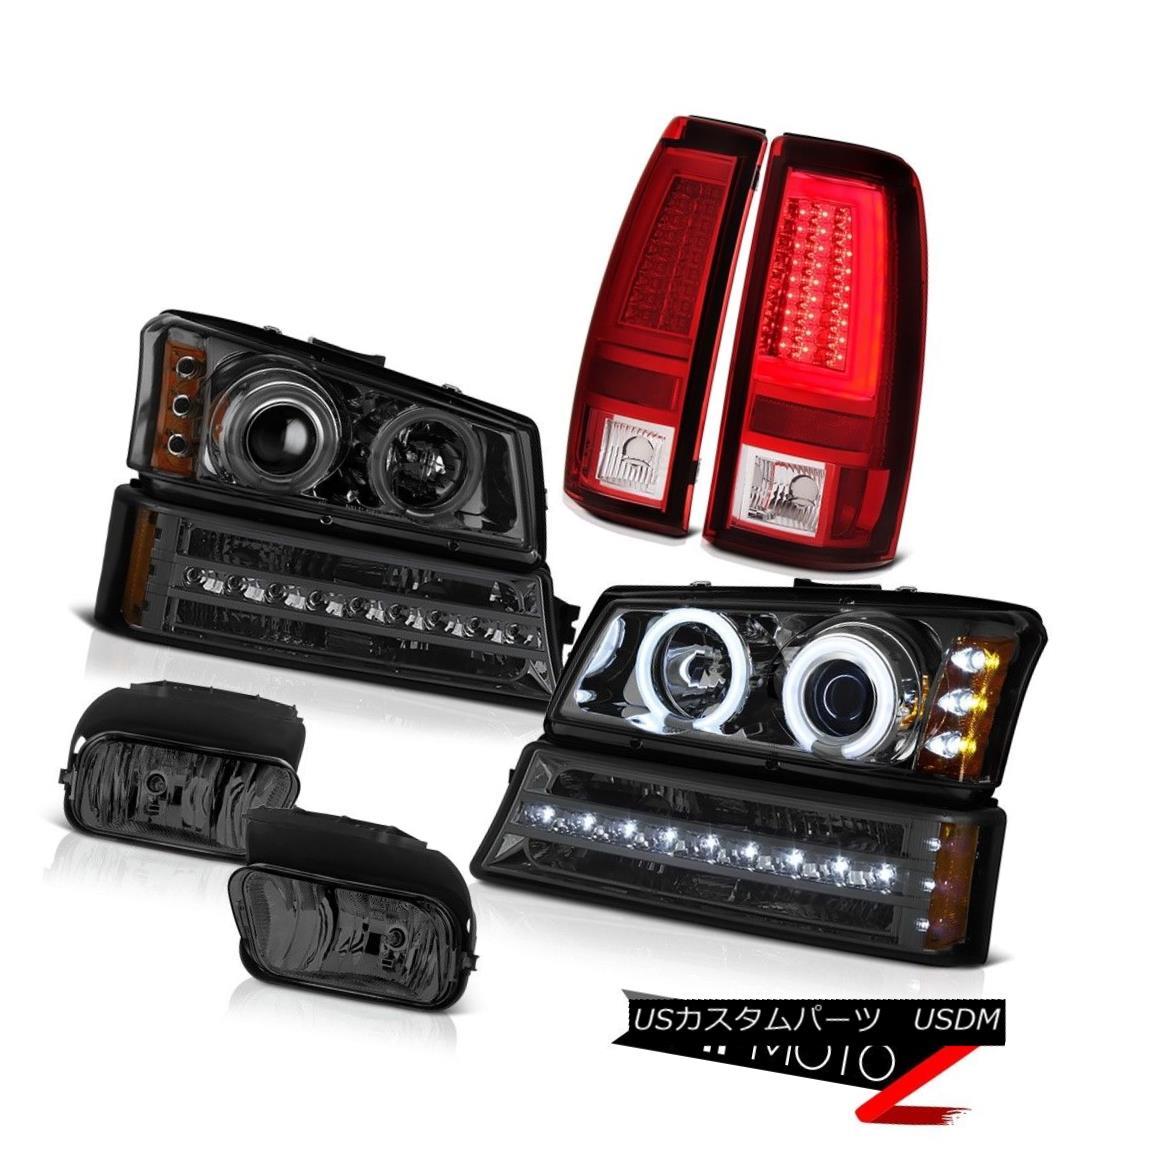 テールライト 2003-2006 Silverado 1500 Red Taillamps Smoked Foglamps Bumper Light Headlights 2003-2006 Silverado 1500赤いタイルランプスモークフォグランプバンパーライトヘッドライト